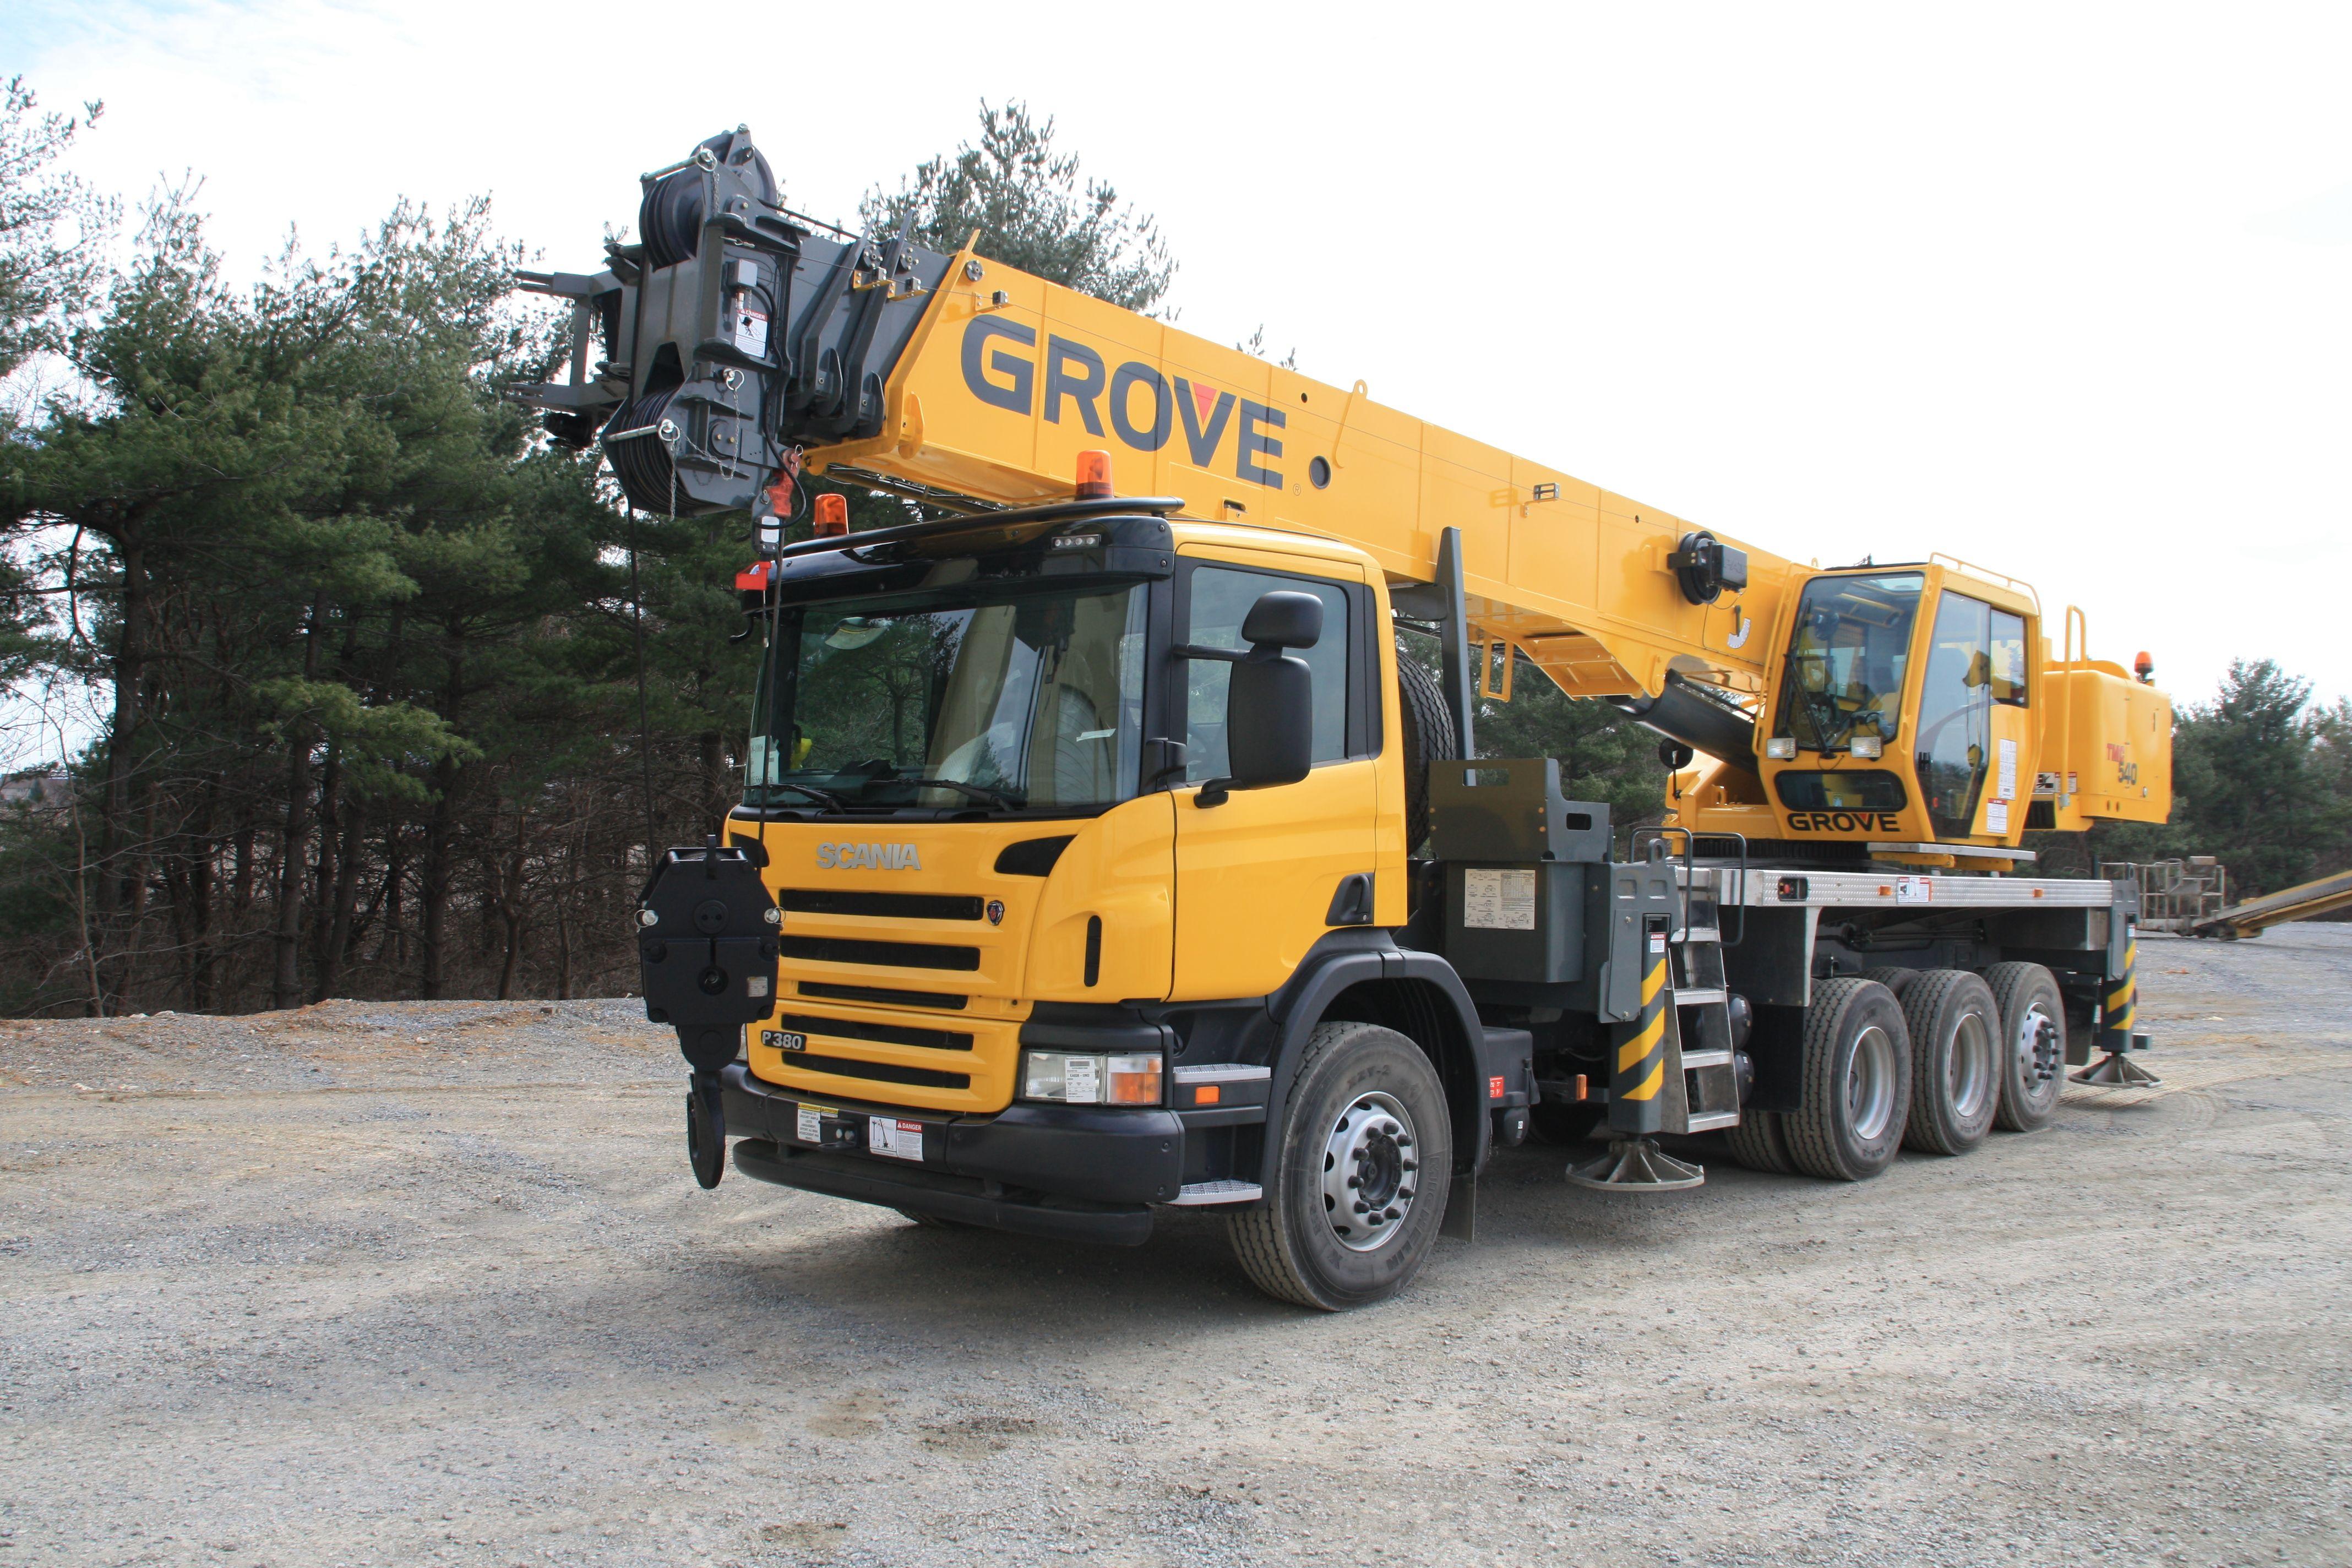 Grove 540 Scania Mobile Crane Proiecte De Ncercat